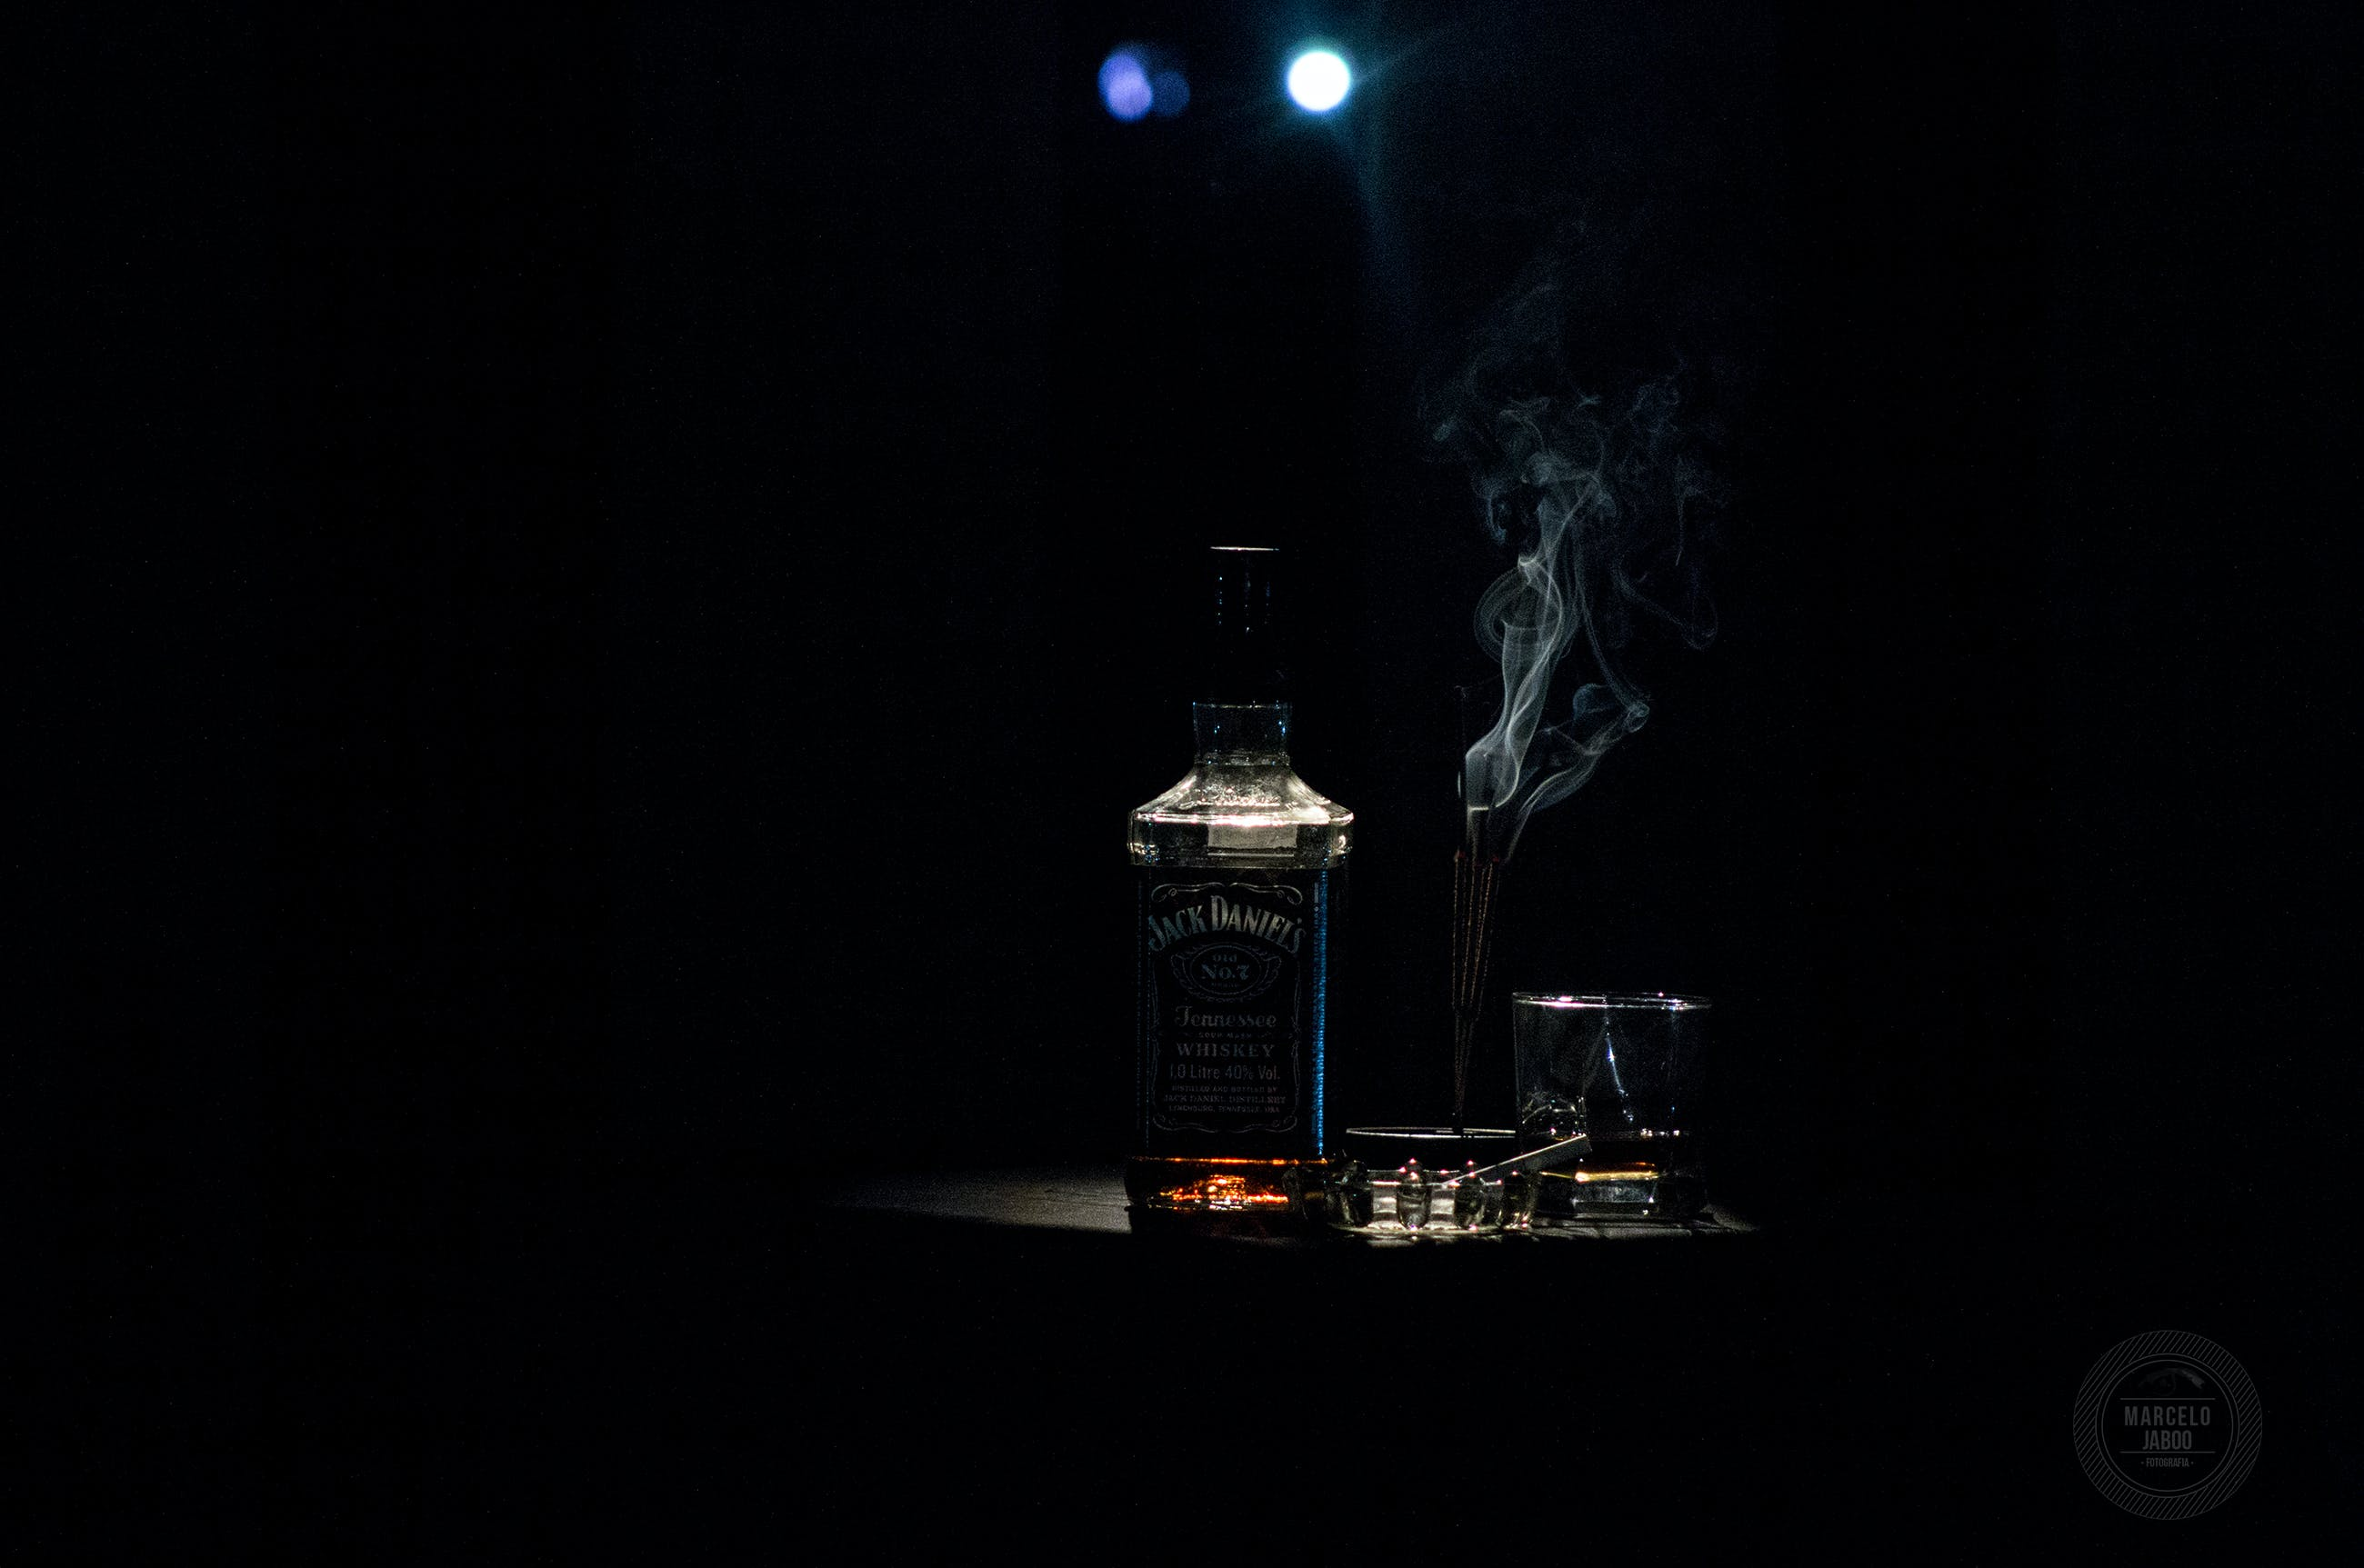 askebæger, cigaret, drink